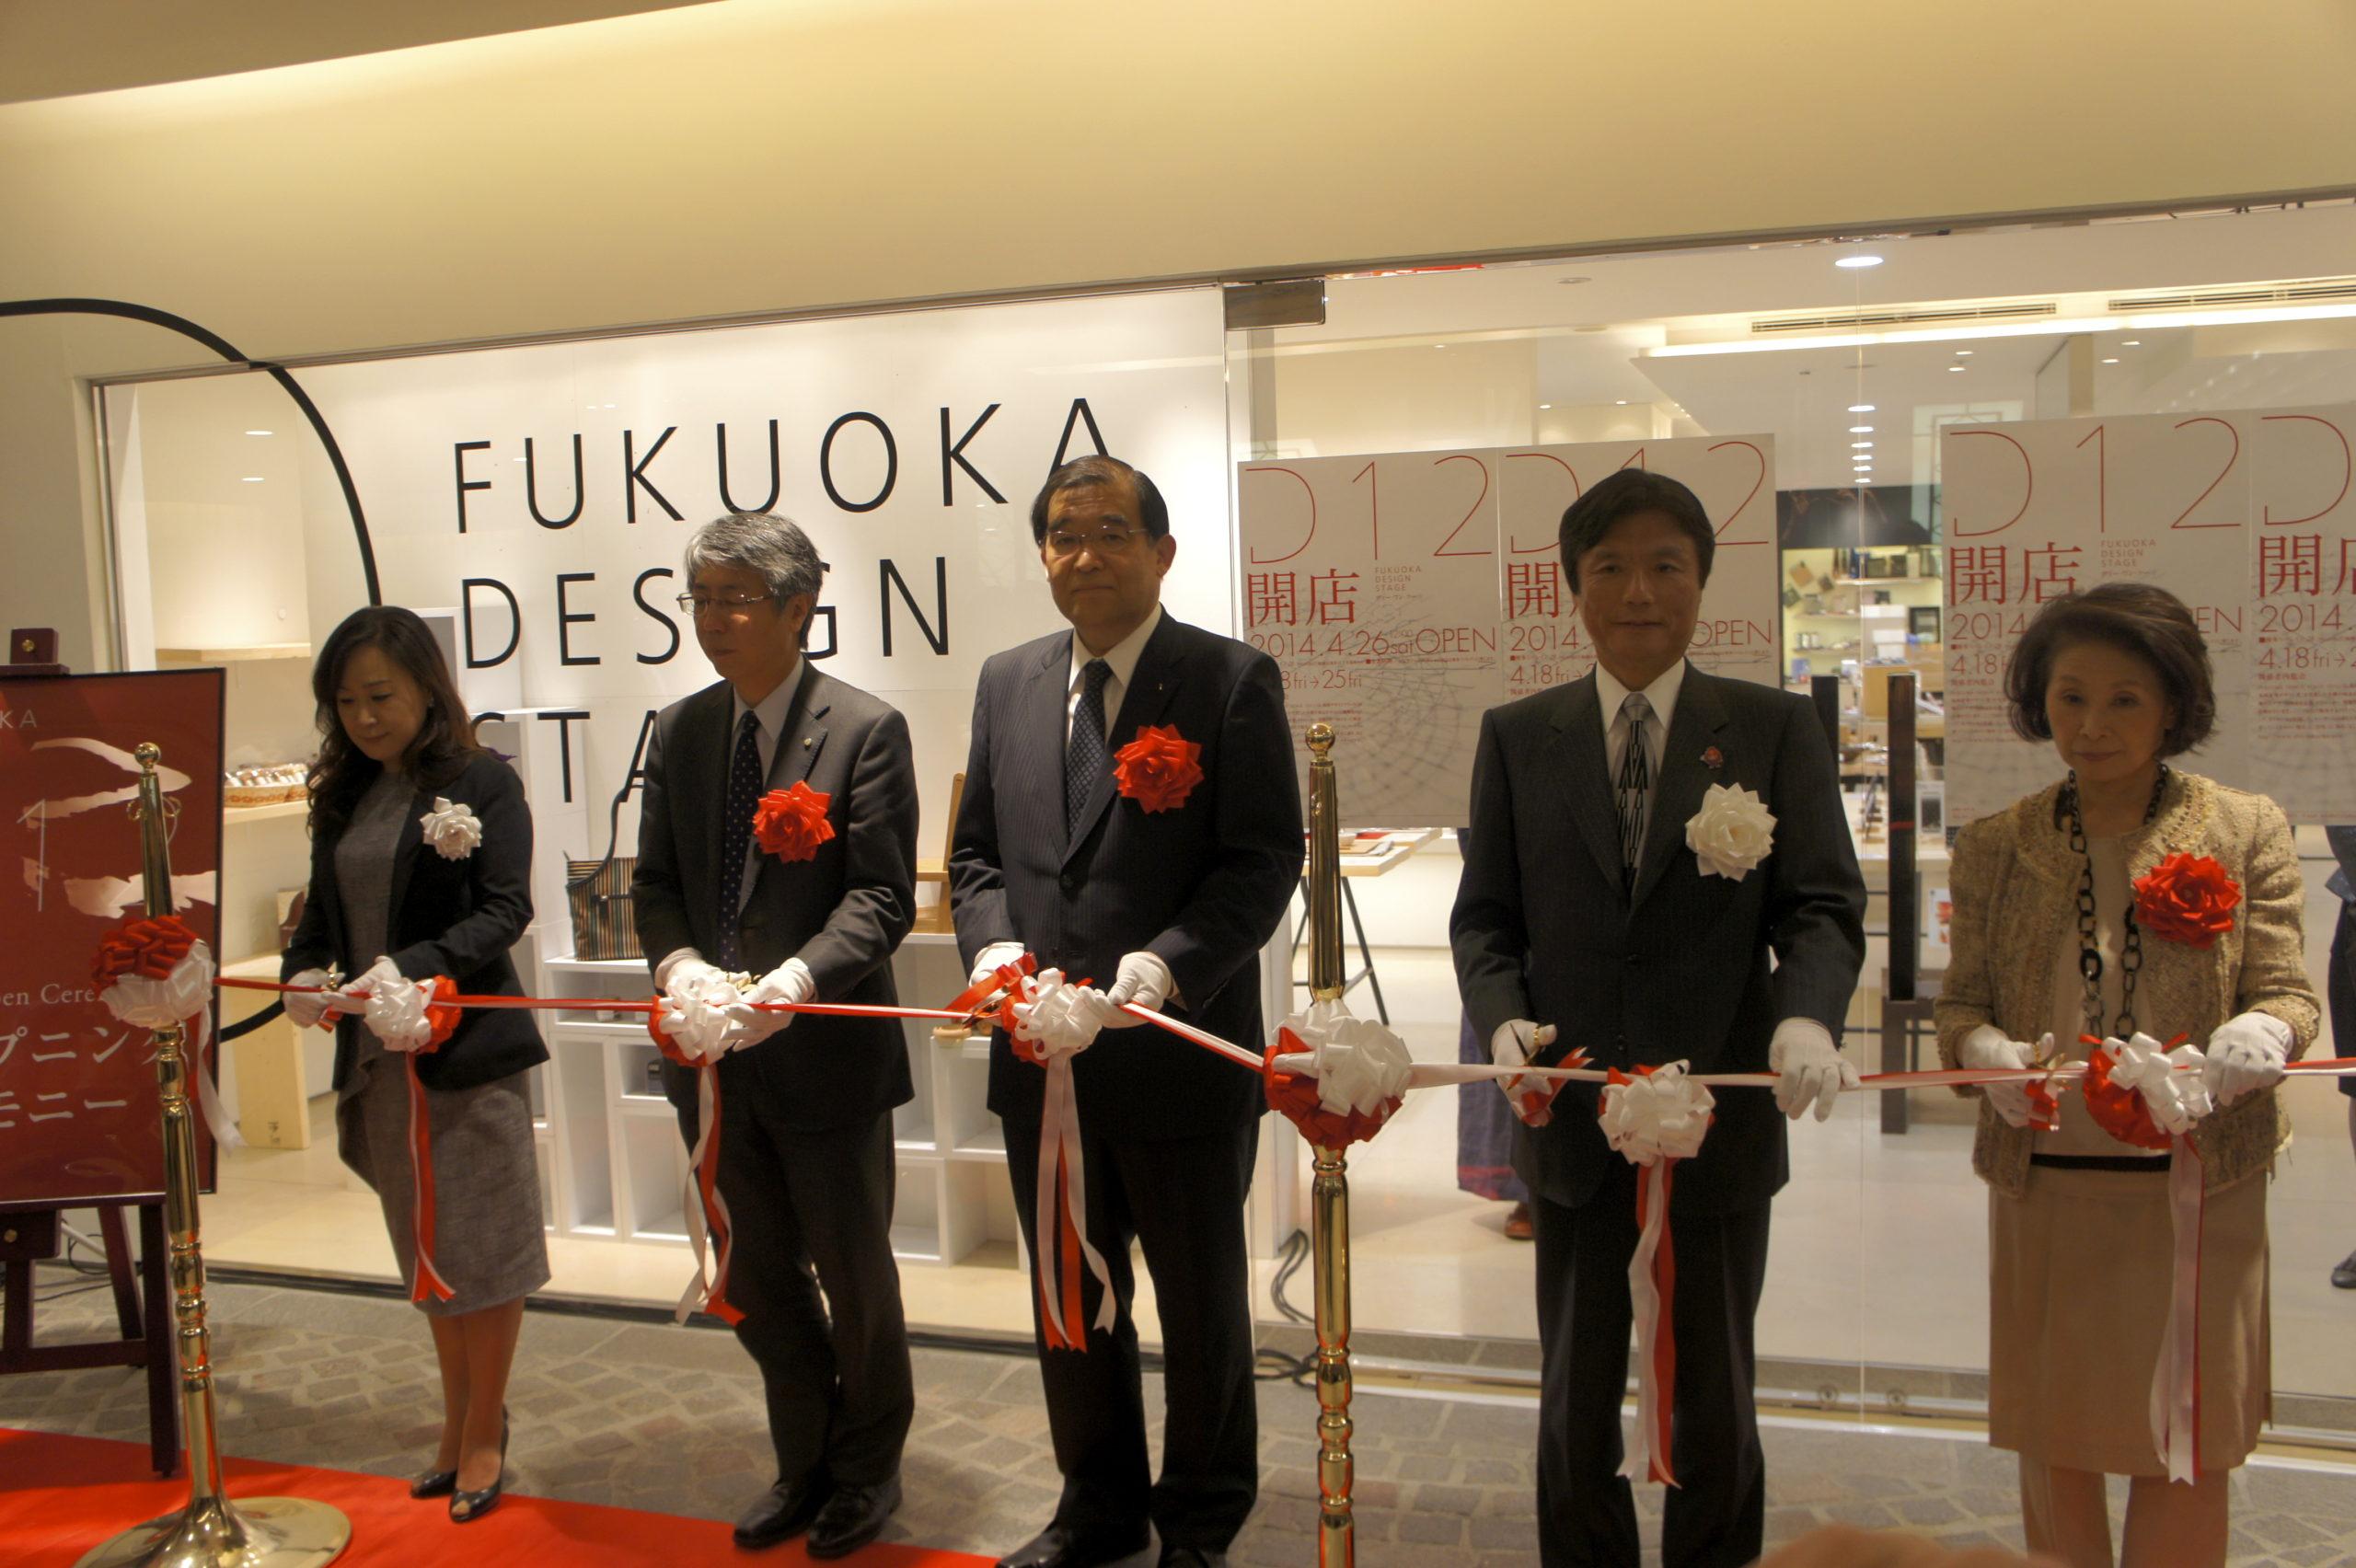 fukuokadesign